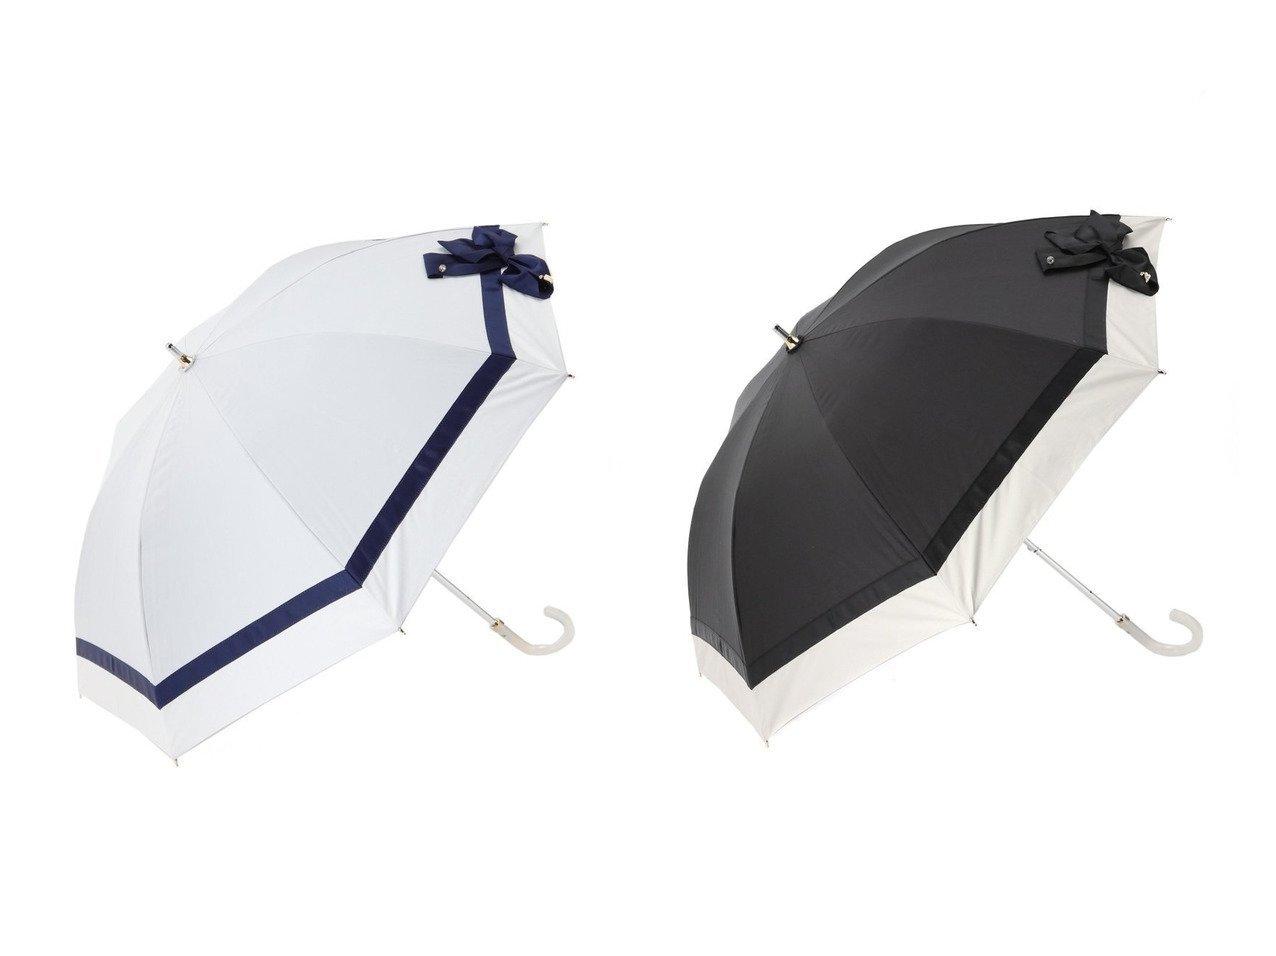 【LANVIN en Bleu/ランバン オン ブルー】の晴雨兼用長傘 切り継ぎビジューりぼん おすすめ!人気、トレンド・レディースファッションの通販 おすすめで人気の流行・トレンド、ファッションの通販商品 インテリア・家具・メンズファッション・キッズファッション・レディースファッション・服の通販 founy(ファニー) https://founy.com/ ファッション Fashion レディースファッション WOMEN 傘 / レイングッズ Umbrellas/Rainwear ビジュー フェミニン リボン 傘  ID:crp329100000061264